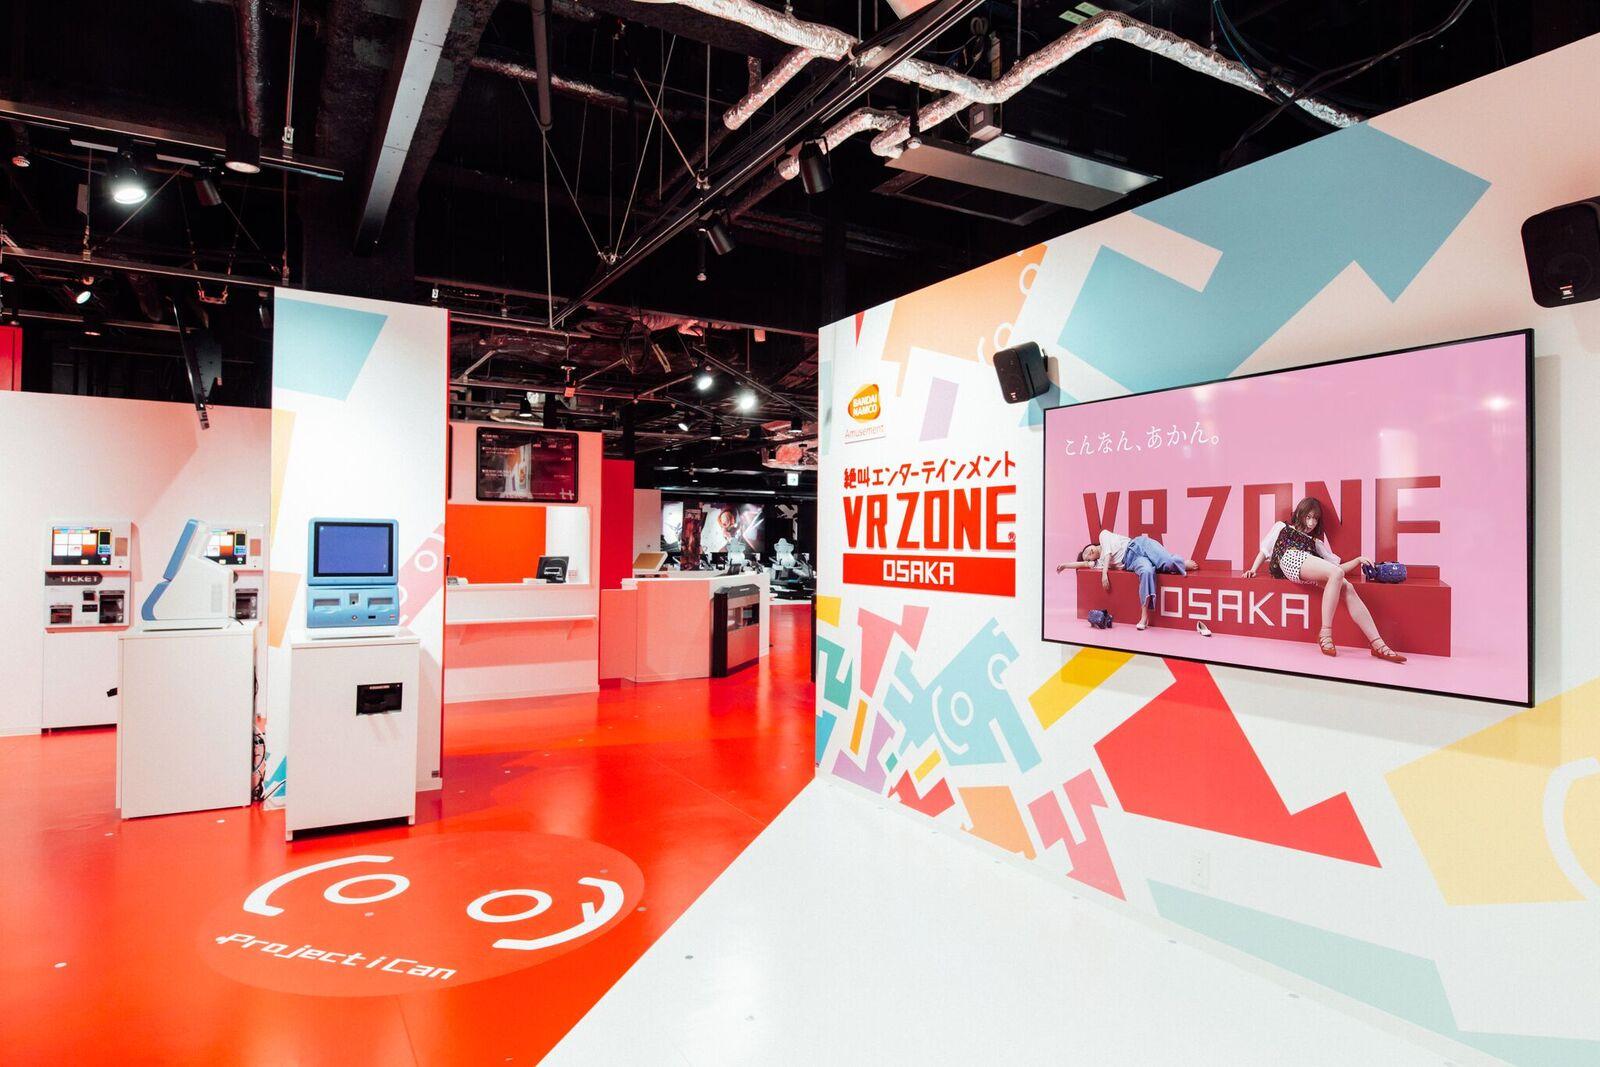 vrzoneosakaの入口の写真